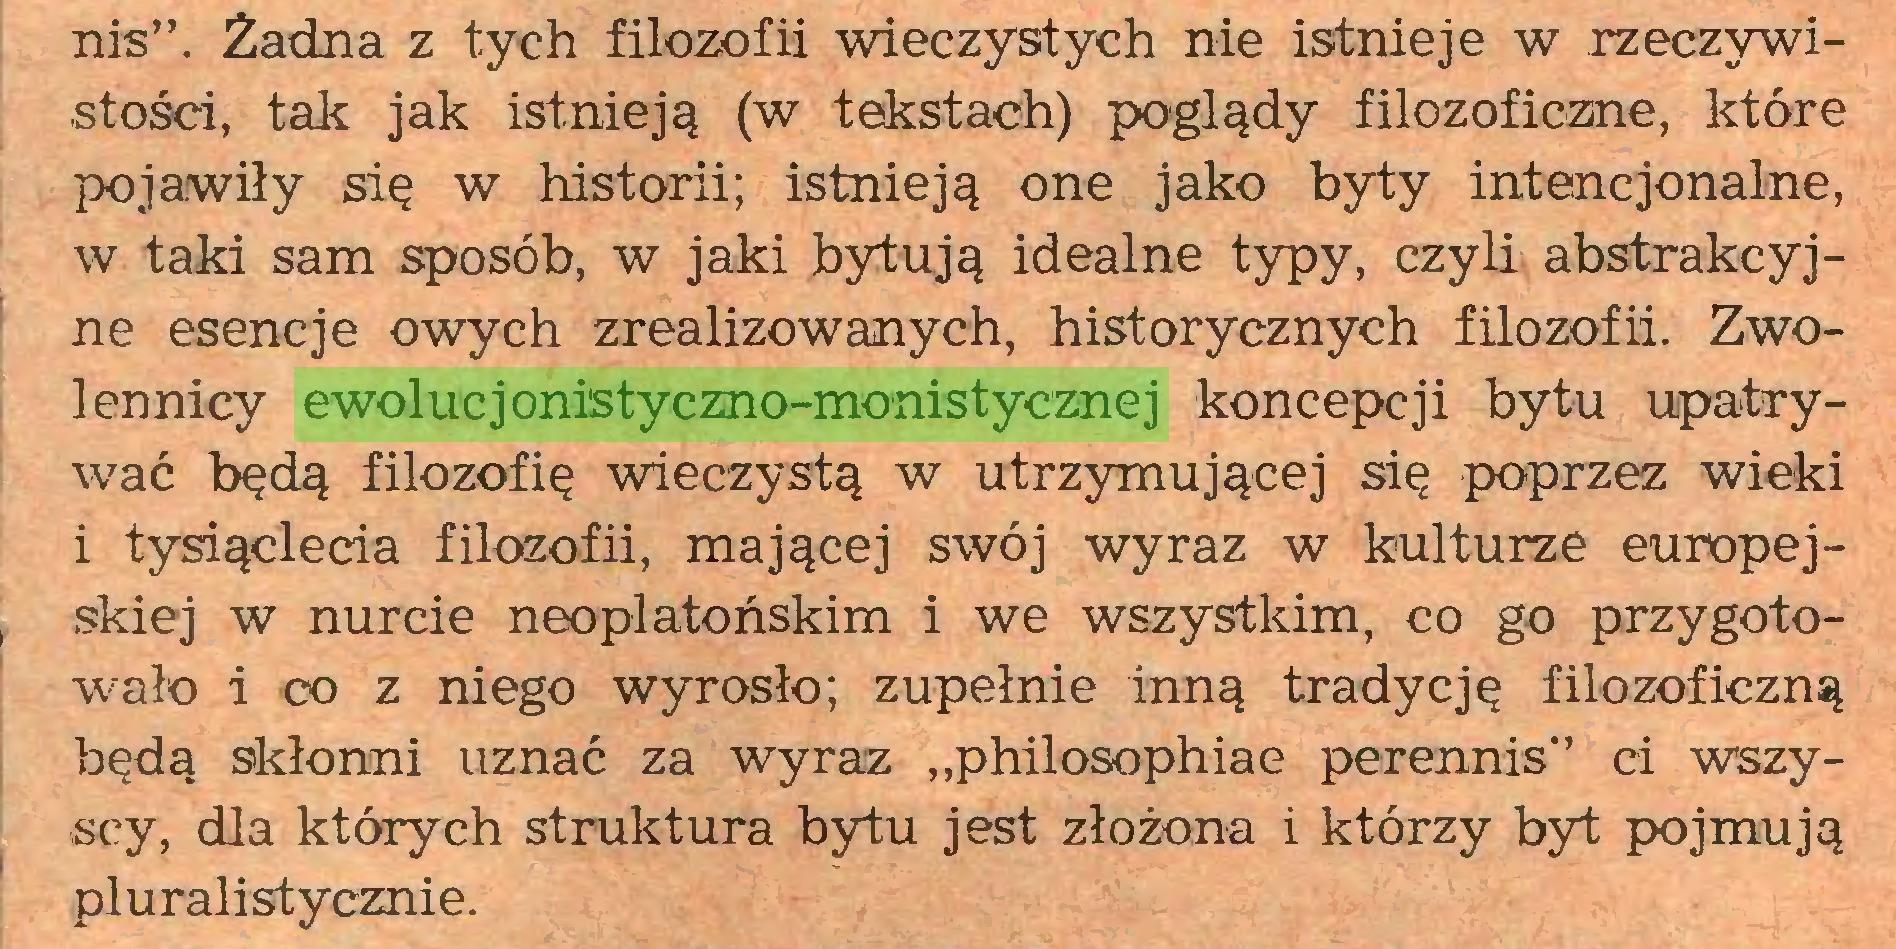 """(...) nis"""". Żadna z tych filozofii wieczystych nie istnieje w rzeczywistości, tak jak istnieją (w tekstach) poglądy filozoficzne, które pojawiły się w historii; istnieją one jako byty intencjonalne, w taki sam sposób, w jaki bytują idealne typy, czyli abstrakcyjne esencje owych zrealizowanych, historycznych filozofii. Zwolennicy ewolucjonistyczno-monistycznej koncepcji bytu upatrywać będą filozofię wieczystą w utrzymującej się poprzez wieki i tysiąclecia filozofii, mającej swój wyraz w kulturze europej, skiej w nurcie neoplatońskim i we wszystkim, co go przygotowało i co z niego wyrosło; zupełnie inną tradycję filozoficzną będą skłonni uznać za wyraz """"philosophiae perennis"""" ci wszyscy, dla których struktura bytu jest złożona i którzy byt pojmują pluralistycznie..."""